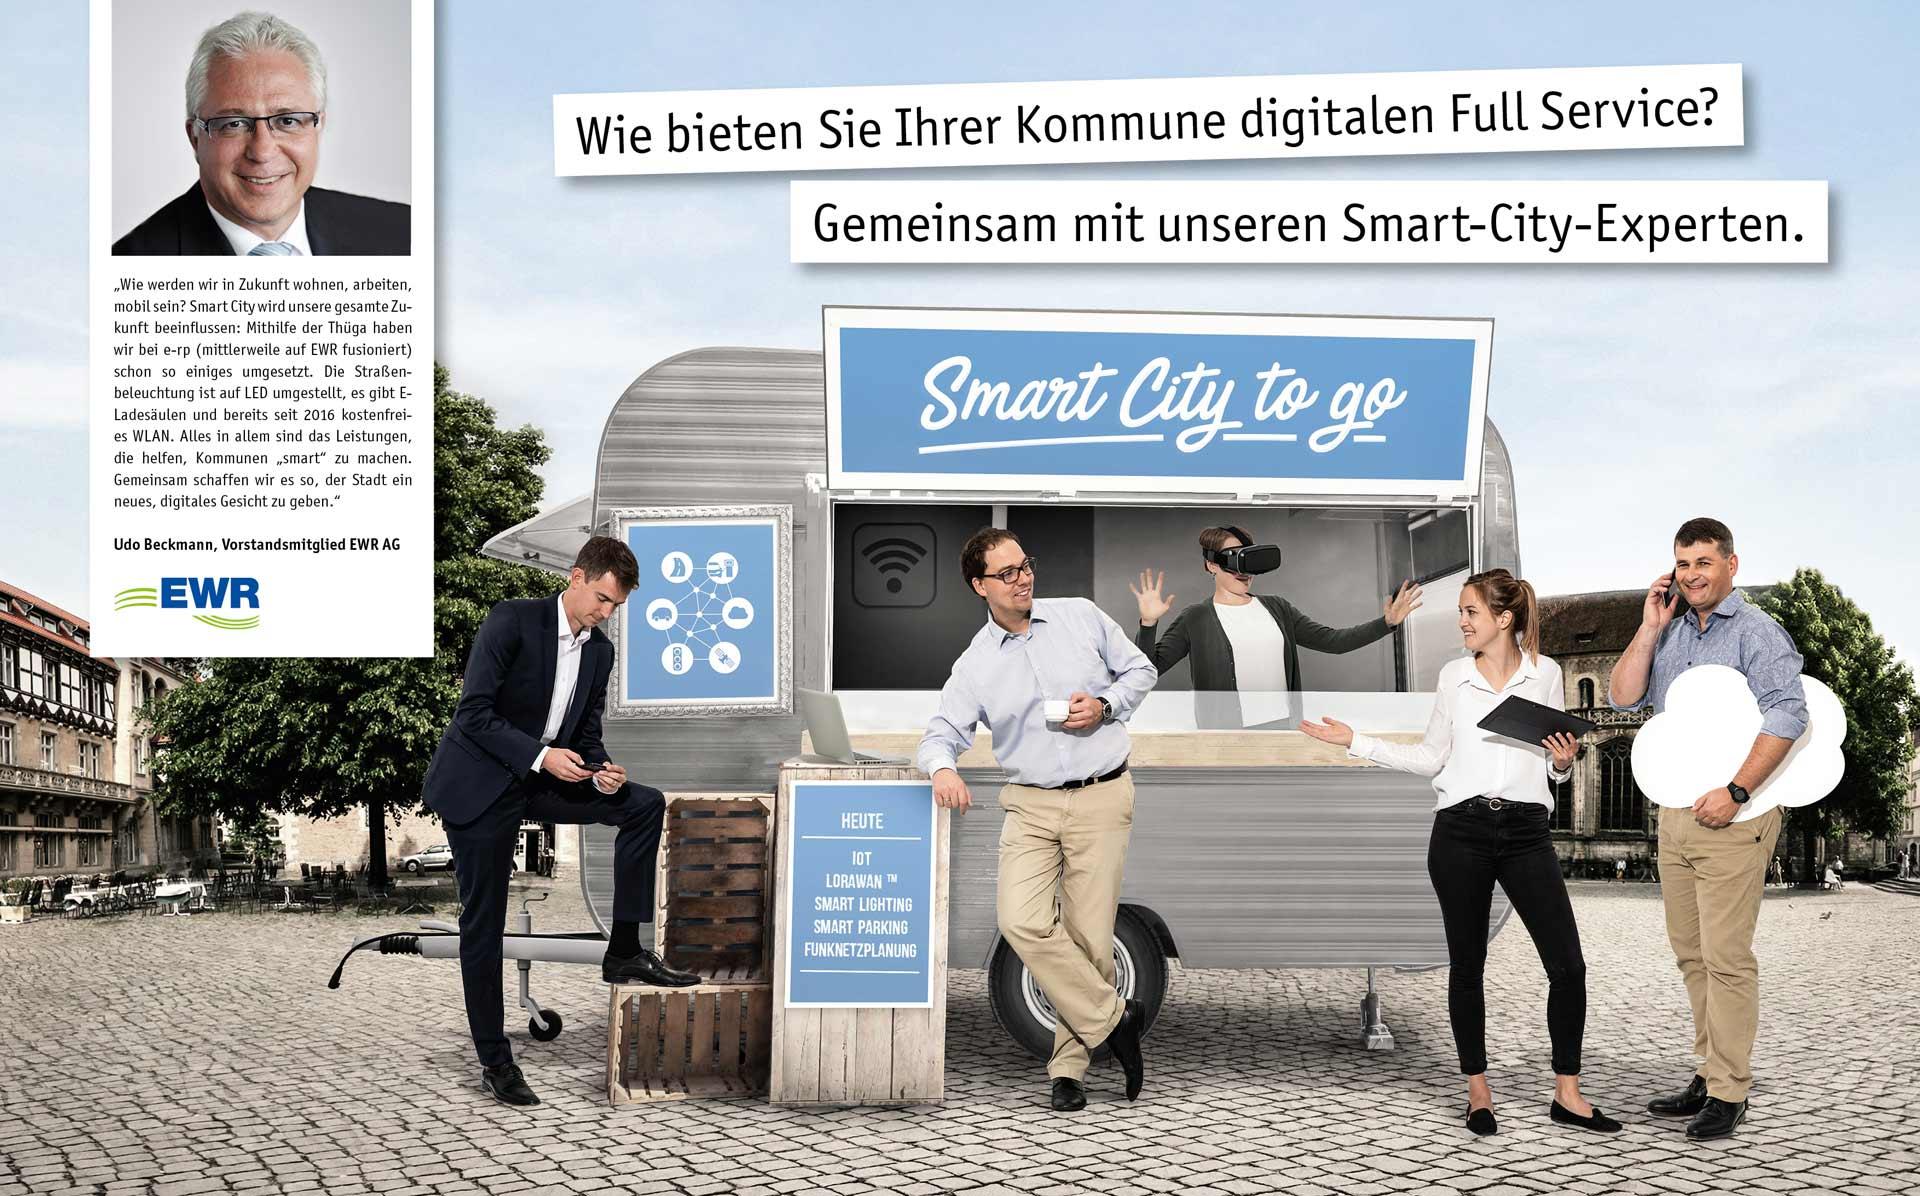 Wie bieten Sie Ihrer Kommune digitalen Full Service? Gemeinsam mit unseren Smart-City-Experten